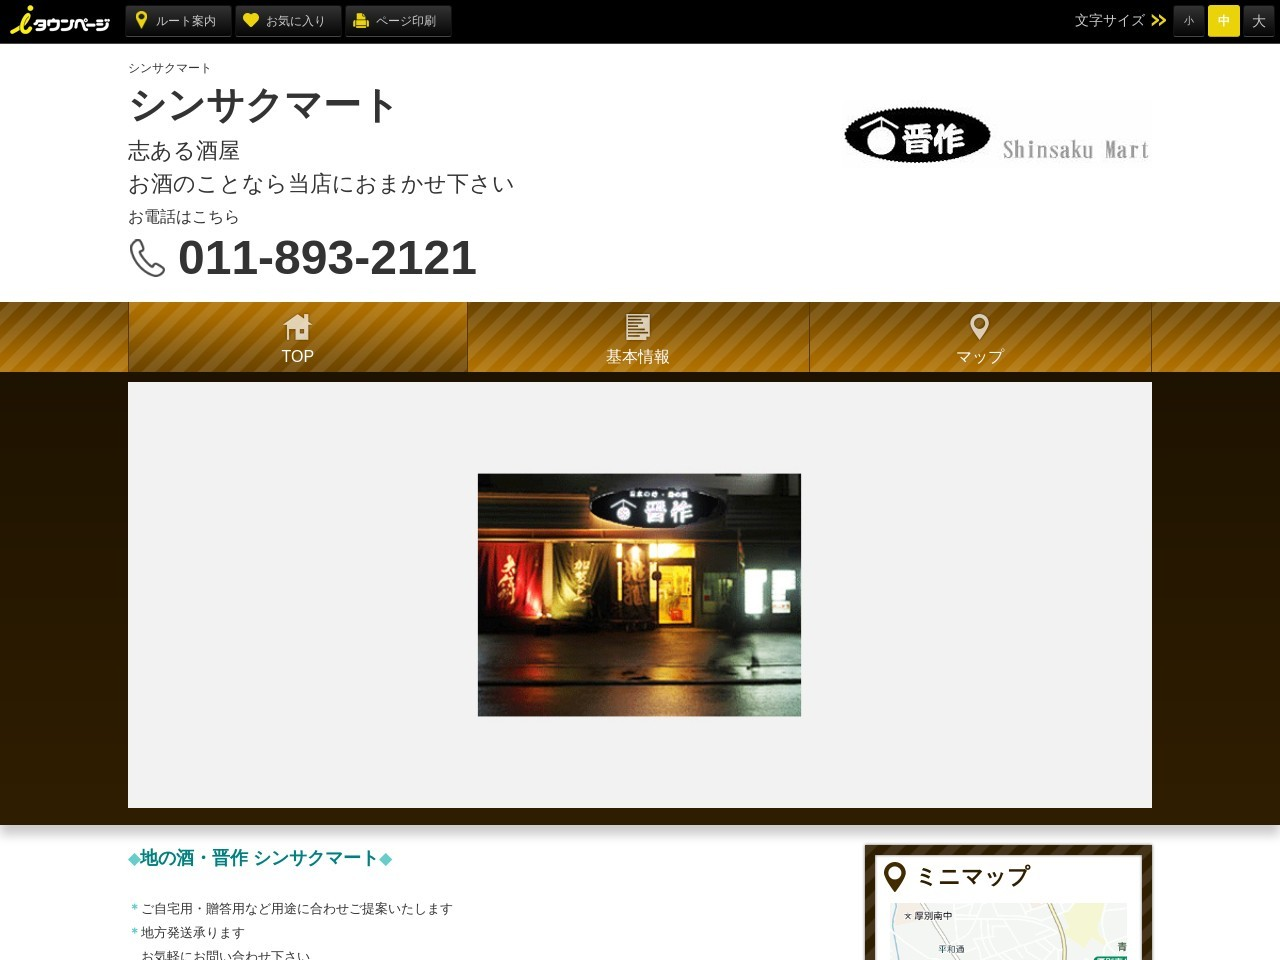 札幌市厚別区 地の酒・晋作 シンサクマート - iタウンページ